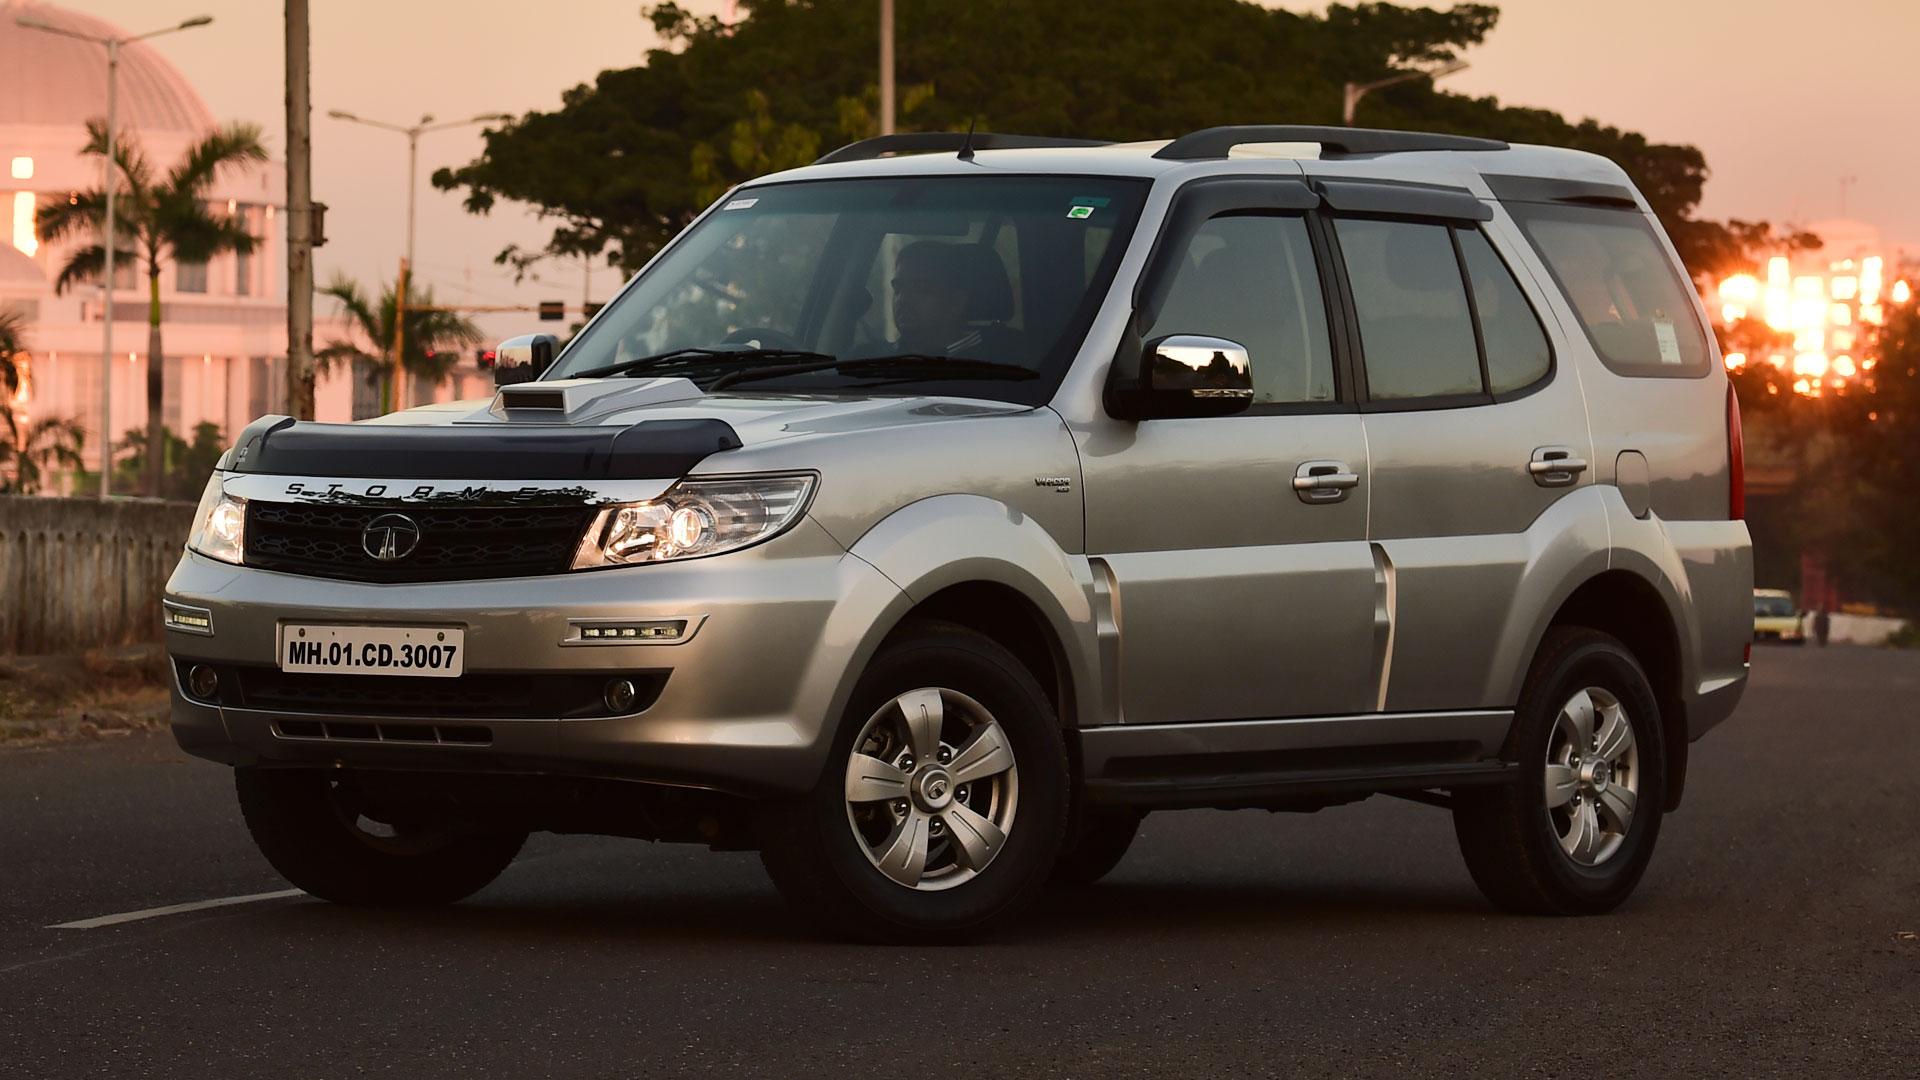 Tata safari storme 2016 price mileage reviews - Safari car wallpaper ...